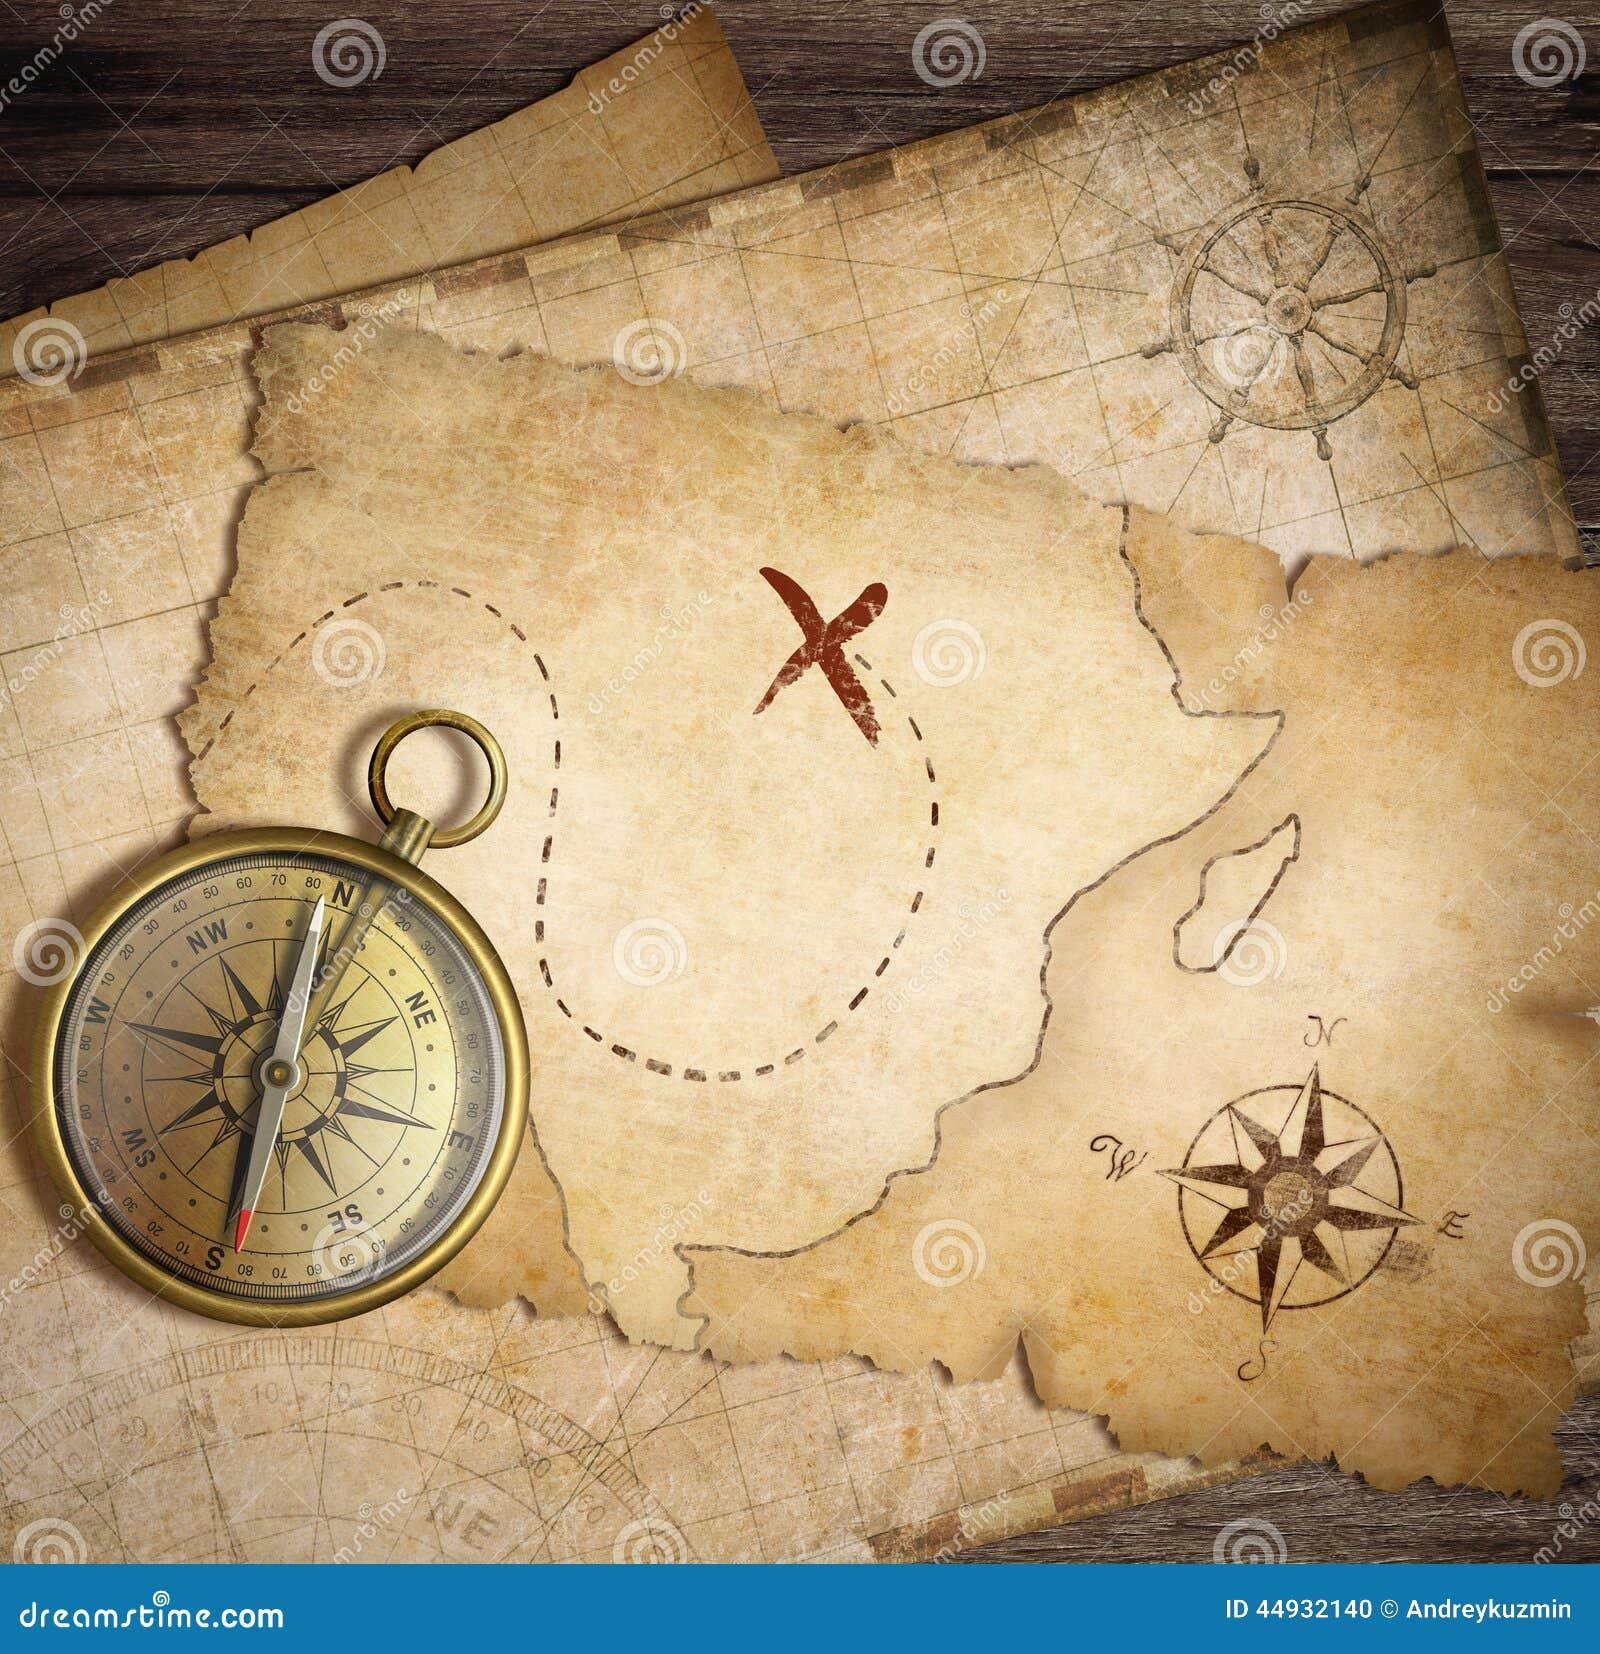 Compasso náutico de bronze envelhecido na tabela com mapas velhos